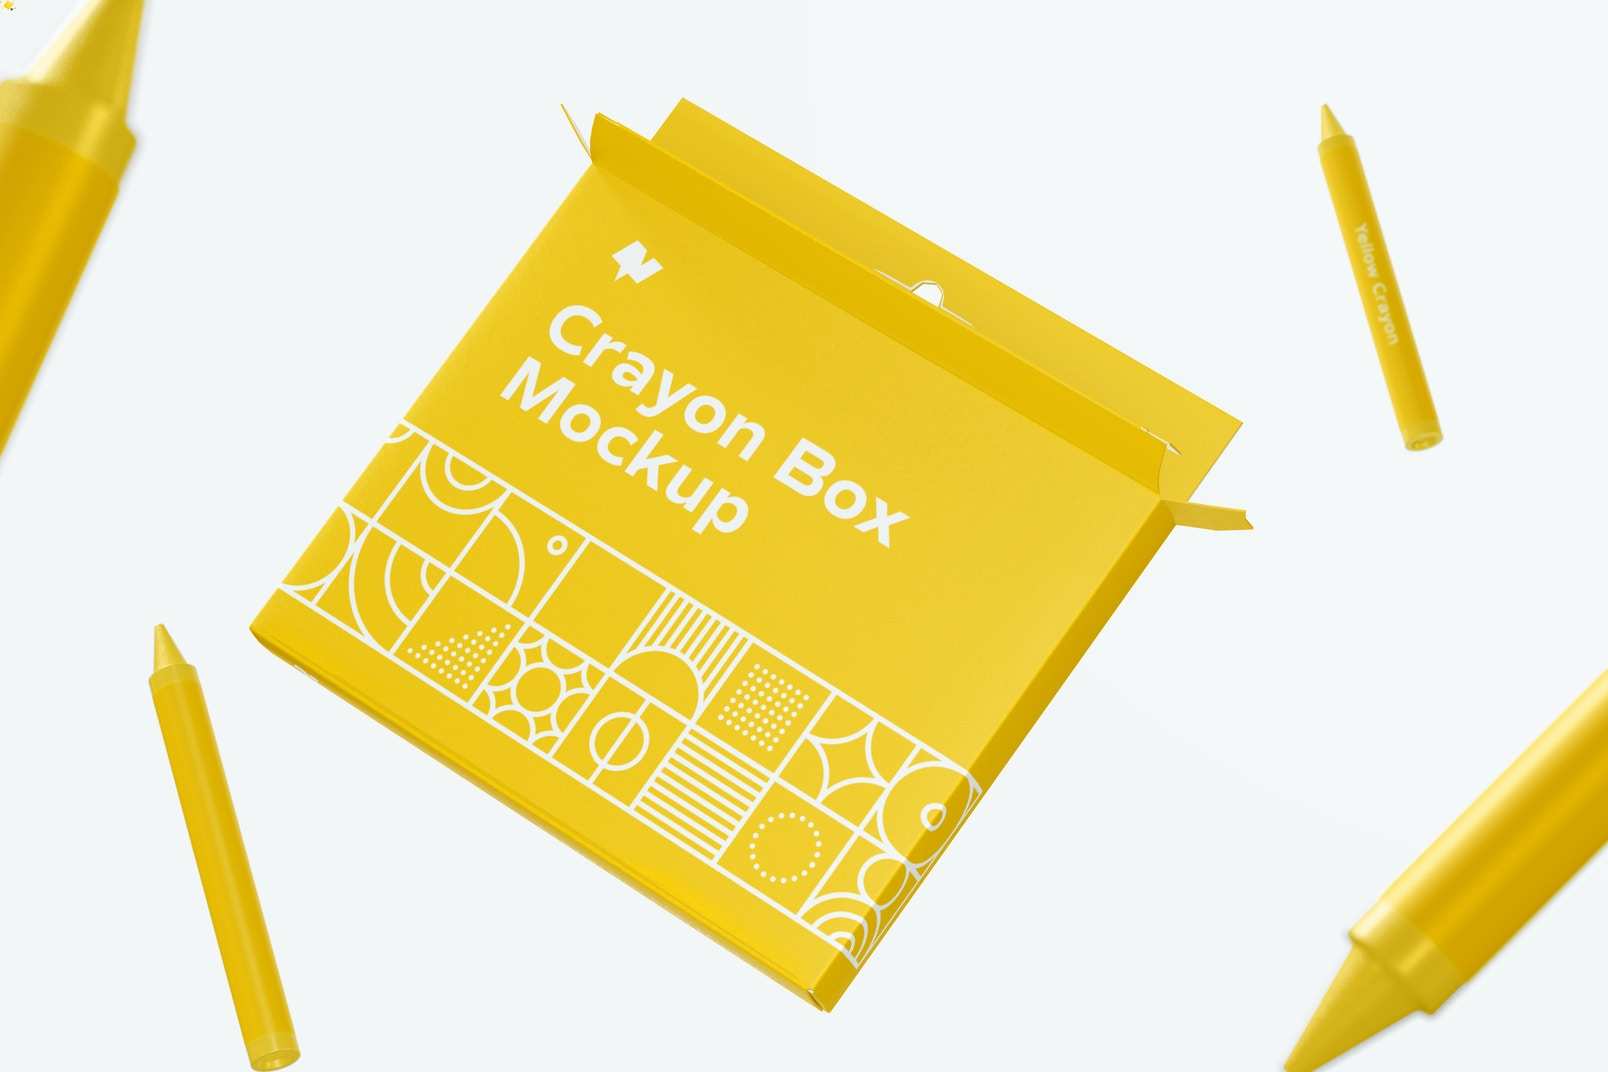 Crayon Box Mockup, Floating